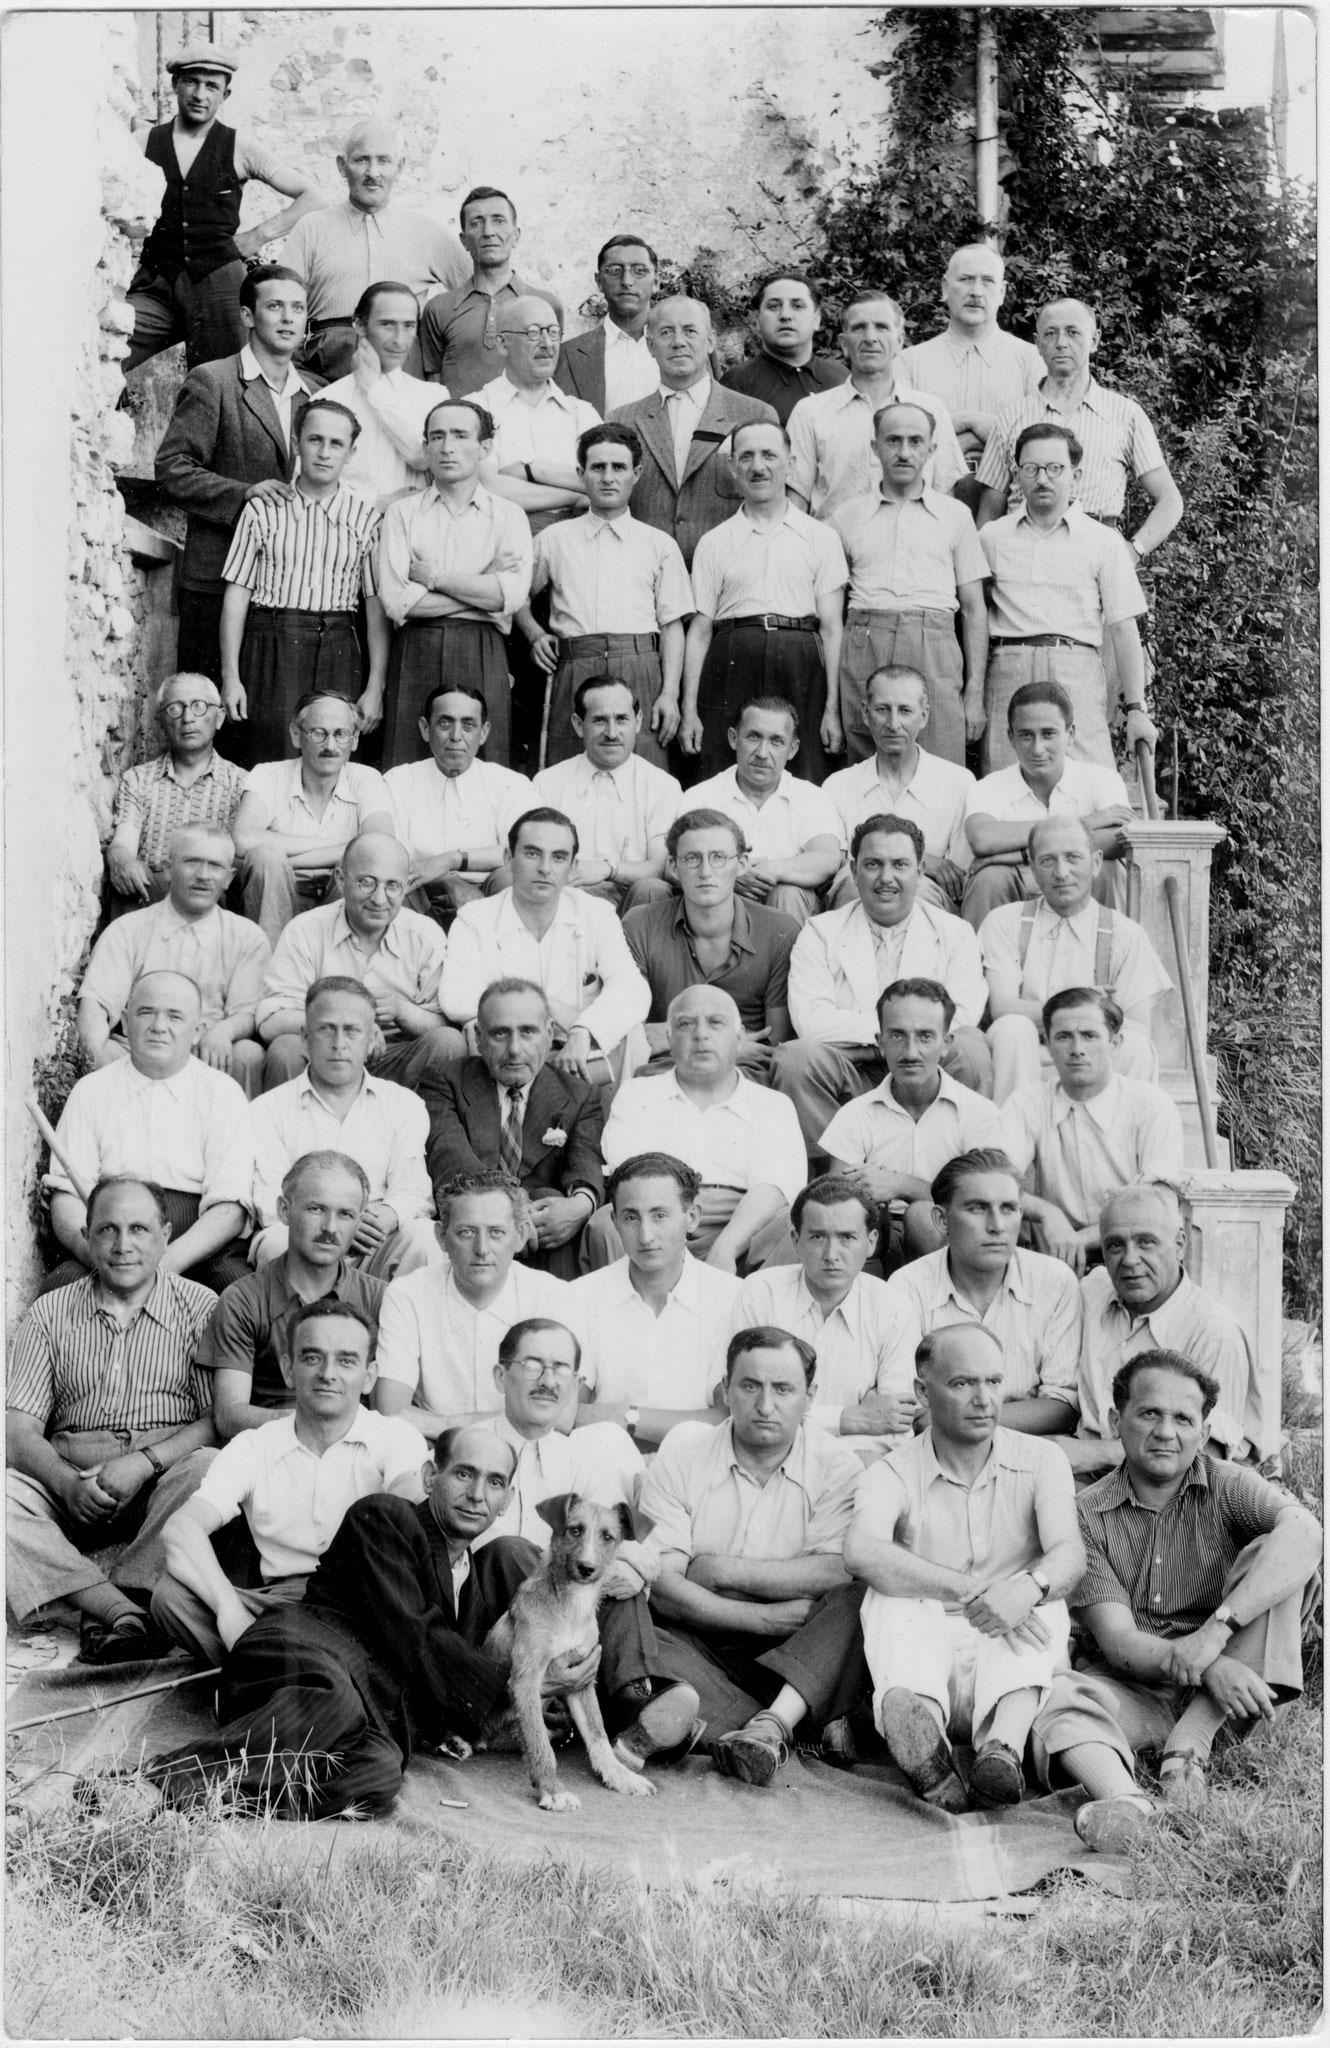 Foto scattata a Casoli il 15 agosto 1940